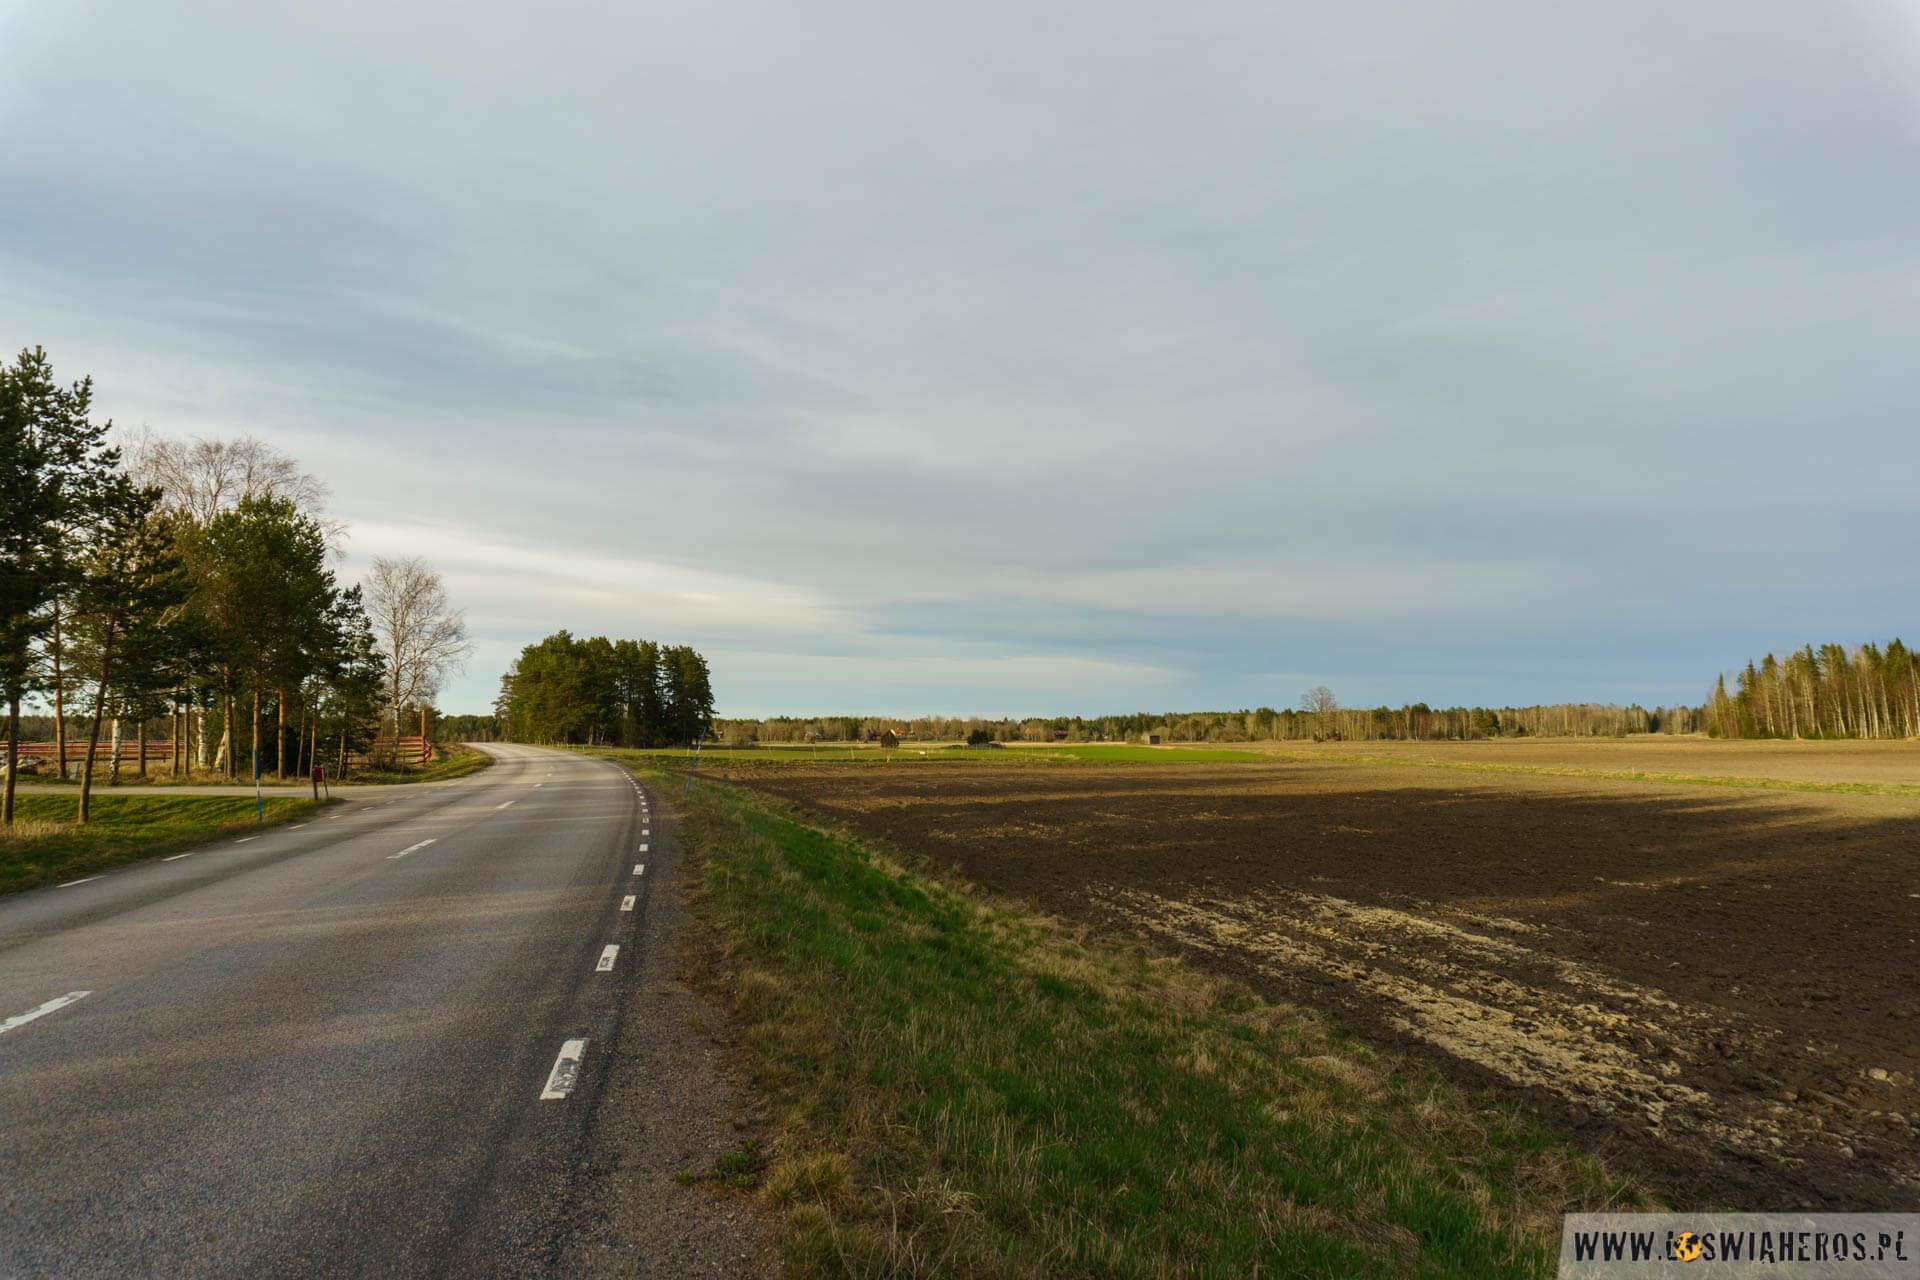 Płaskie, bardziej nudne tereny bliżej wschodniego wybrzeża Szwecji.